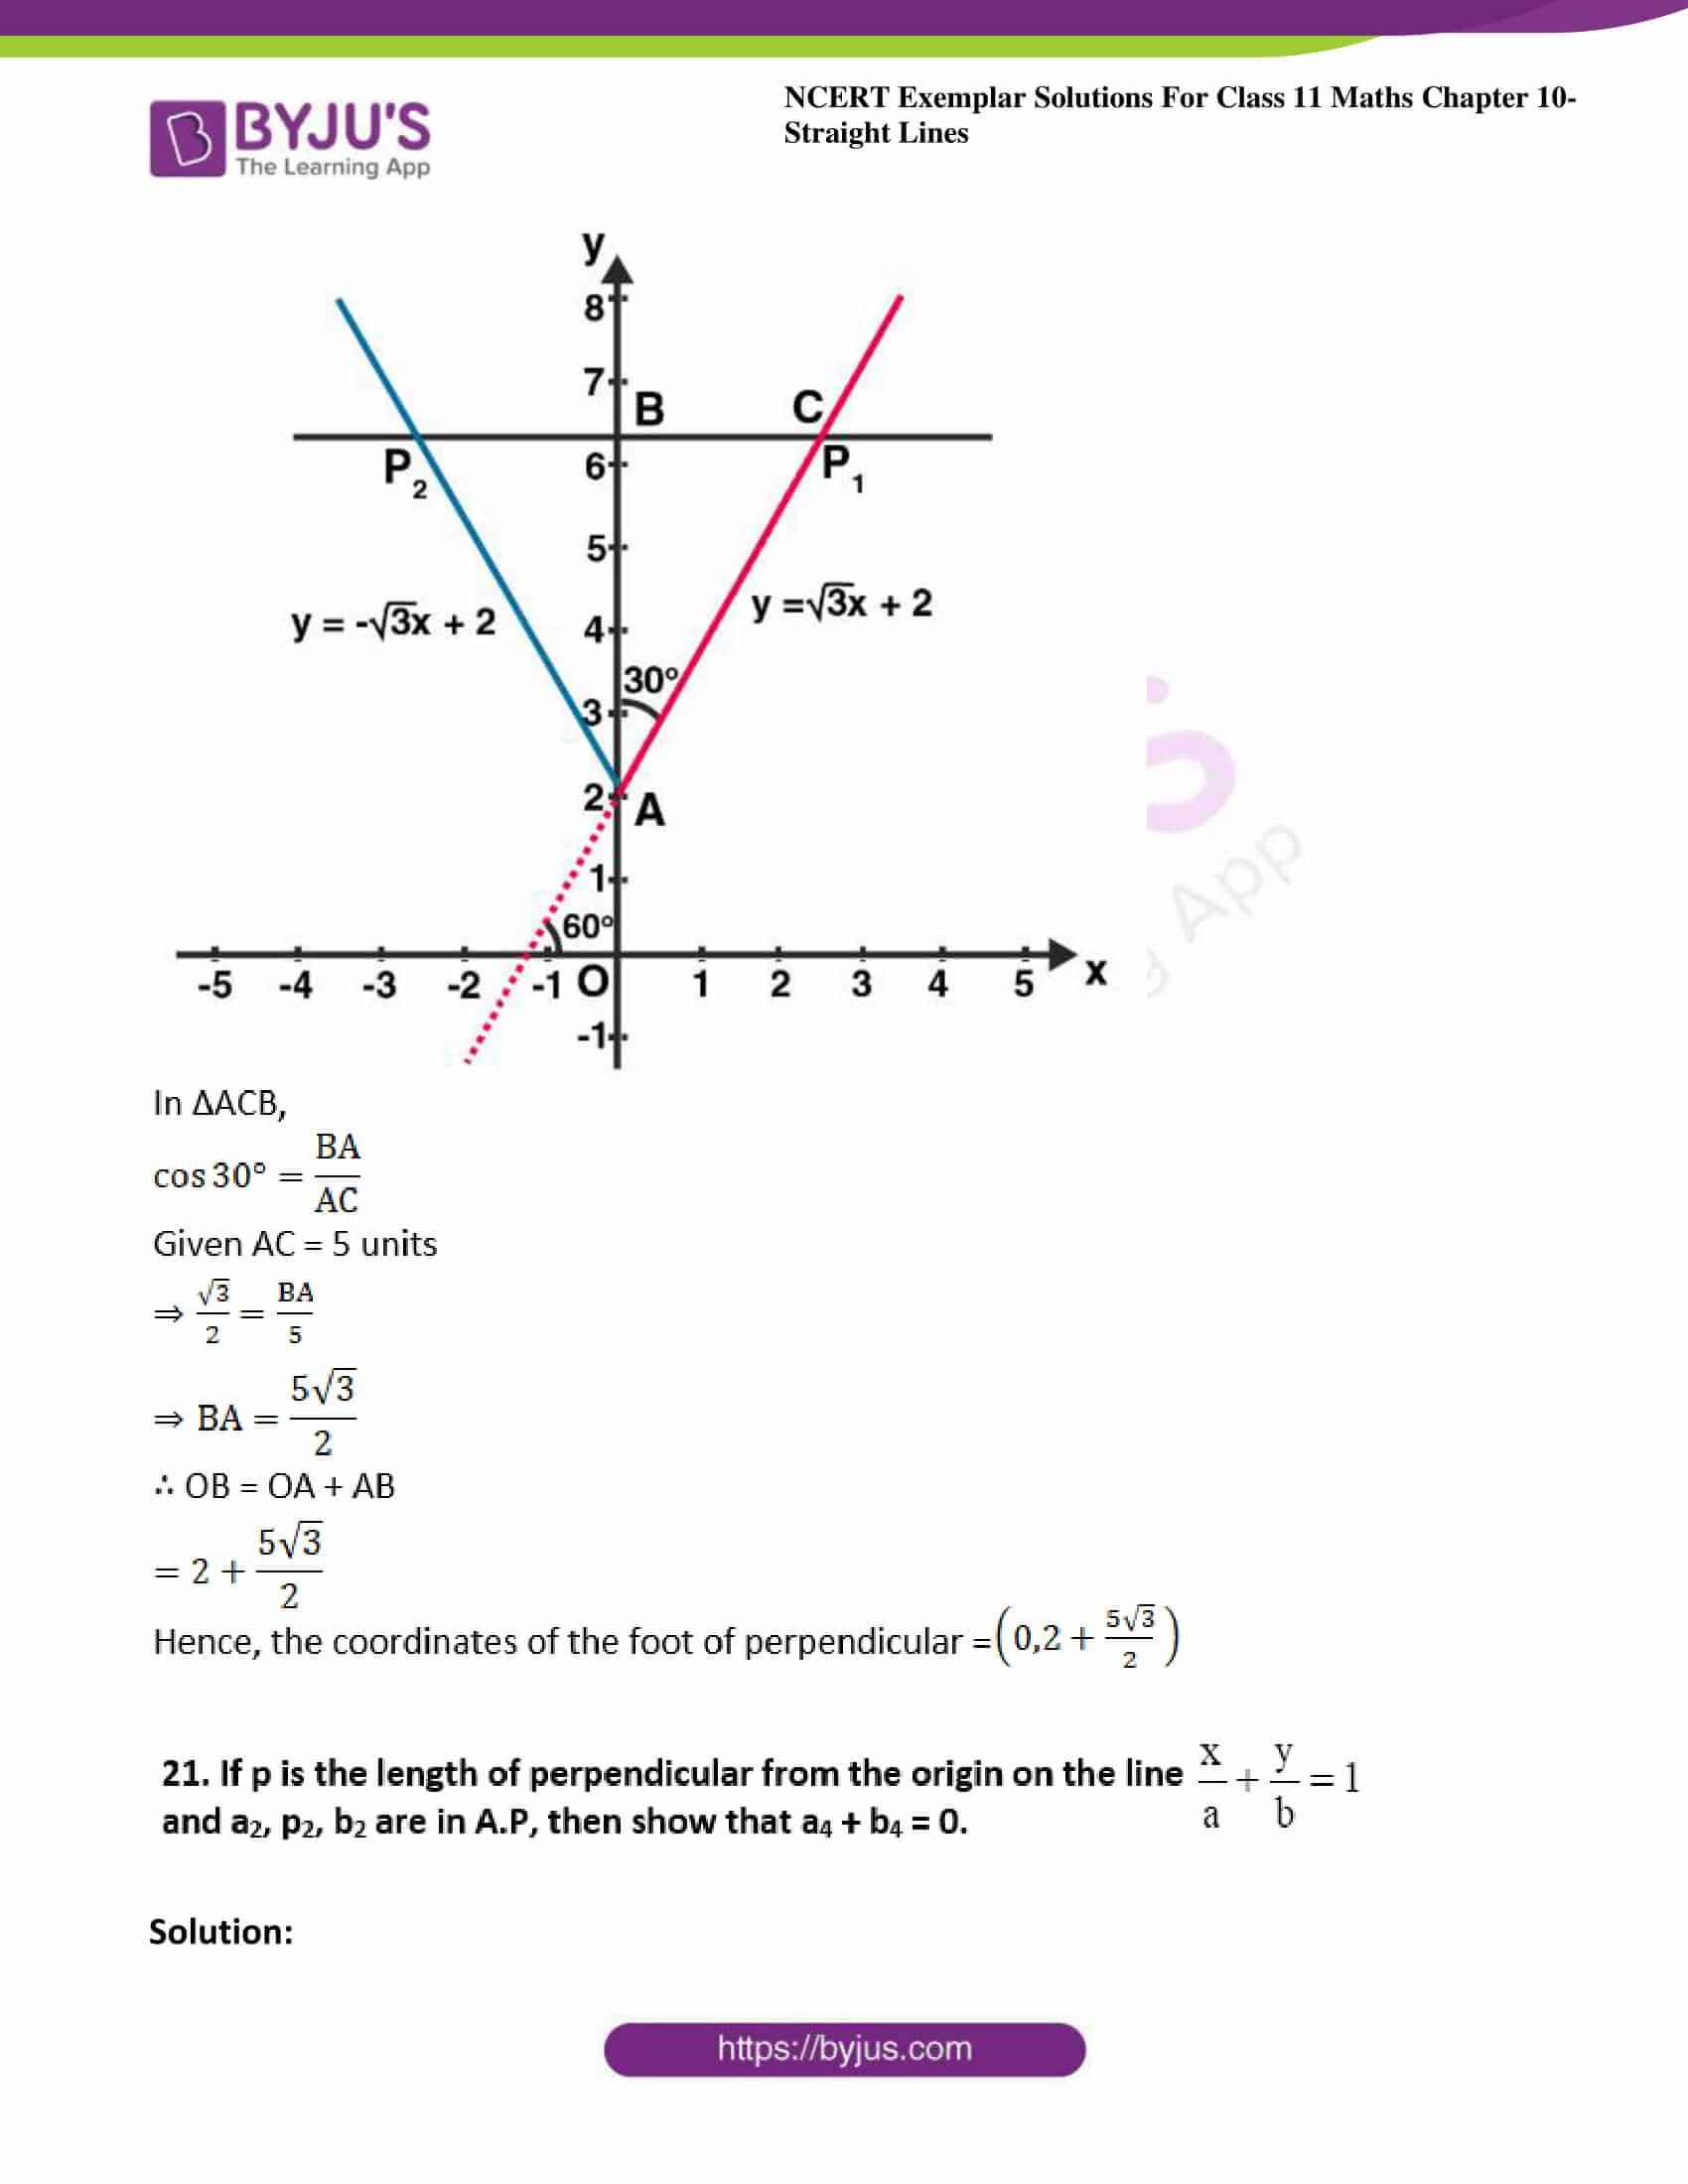 ncert exemplar sol class 11 maths chpt 10 straight lines 27